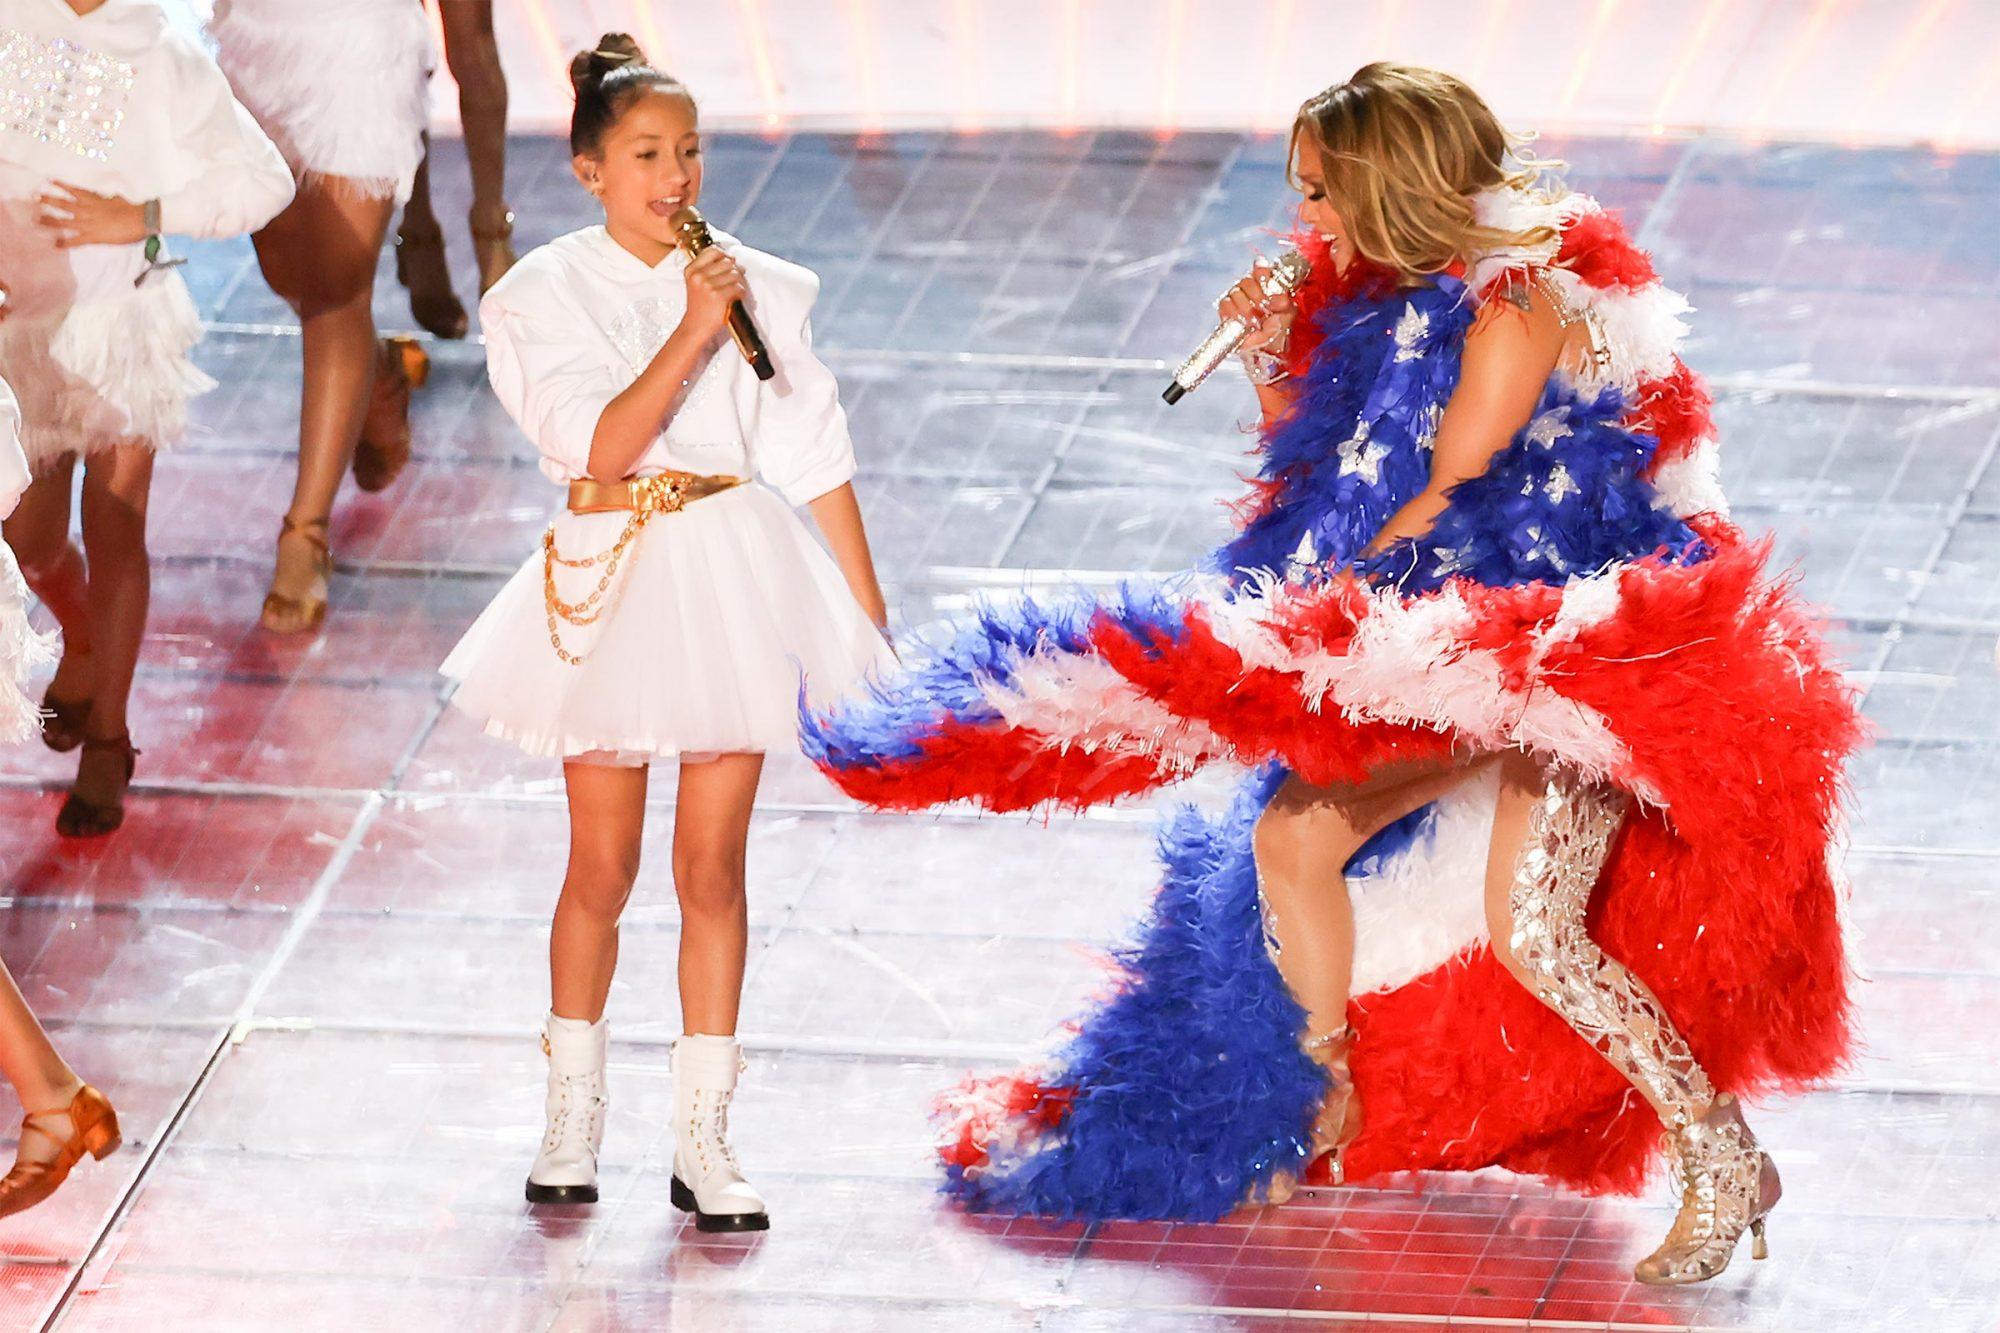 Jennifer Lopez S Daughter Emme 11 Joins Her For Super Bowl Halftime Show Ew Com